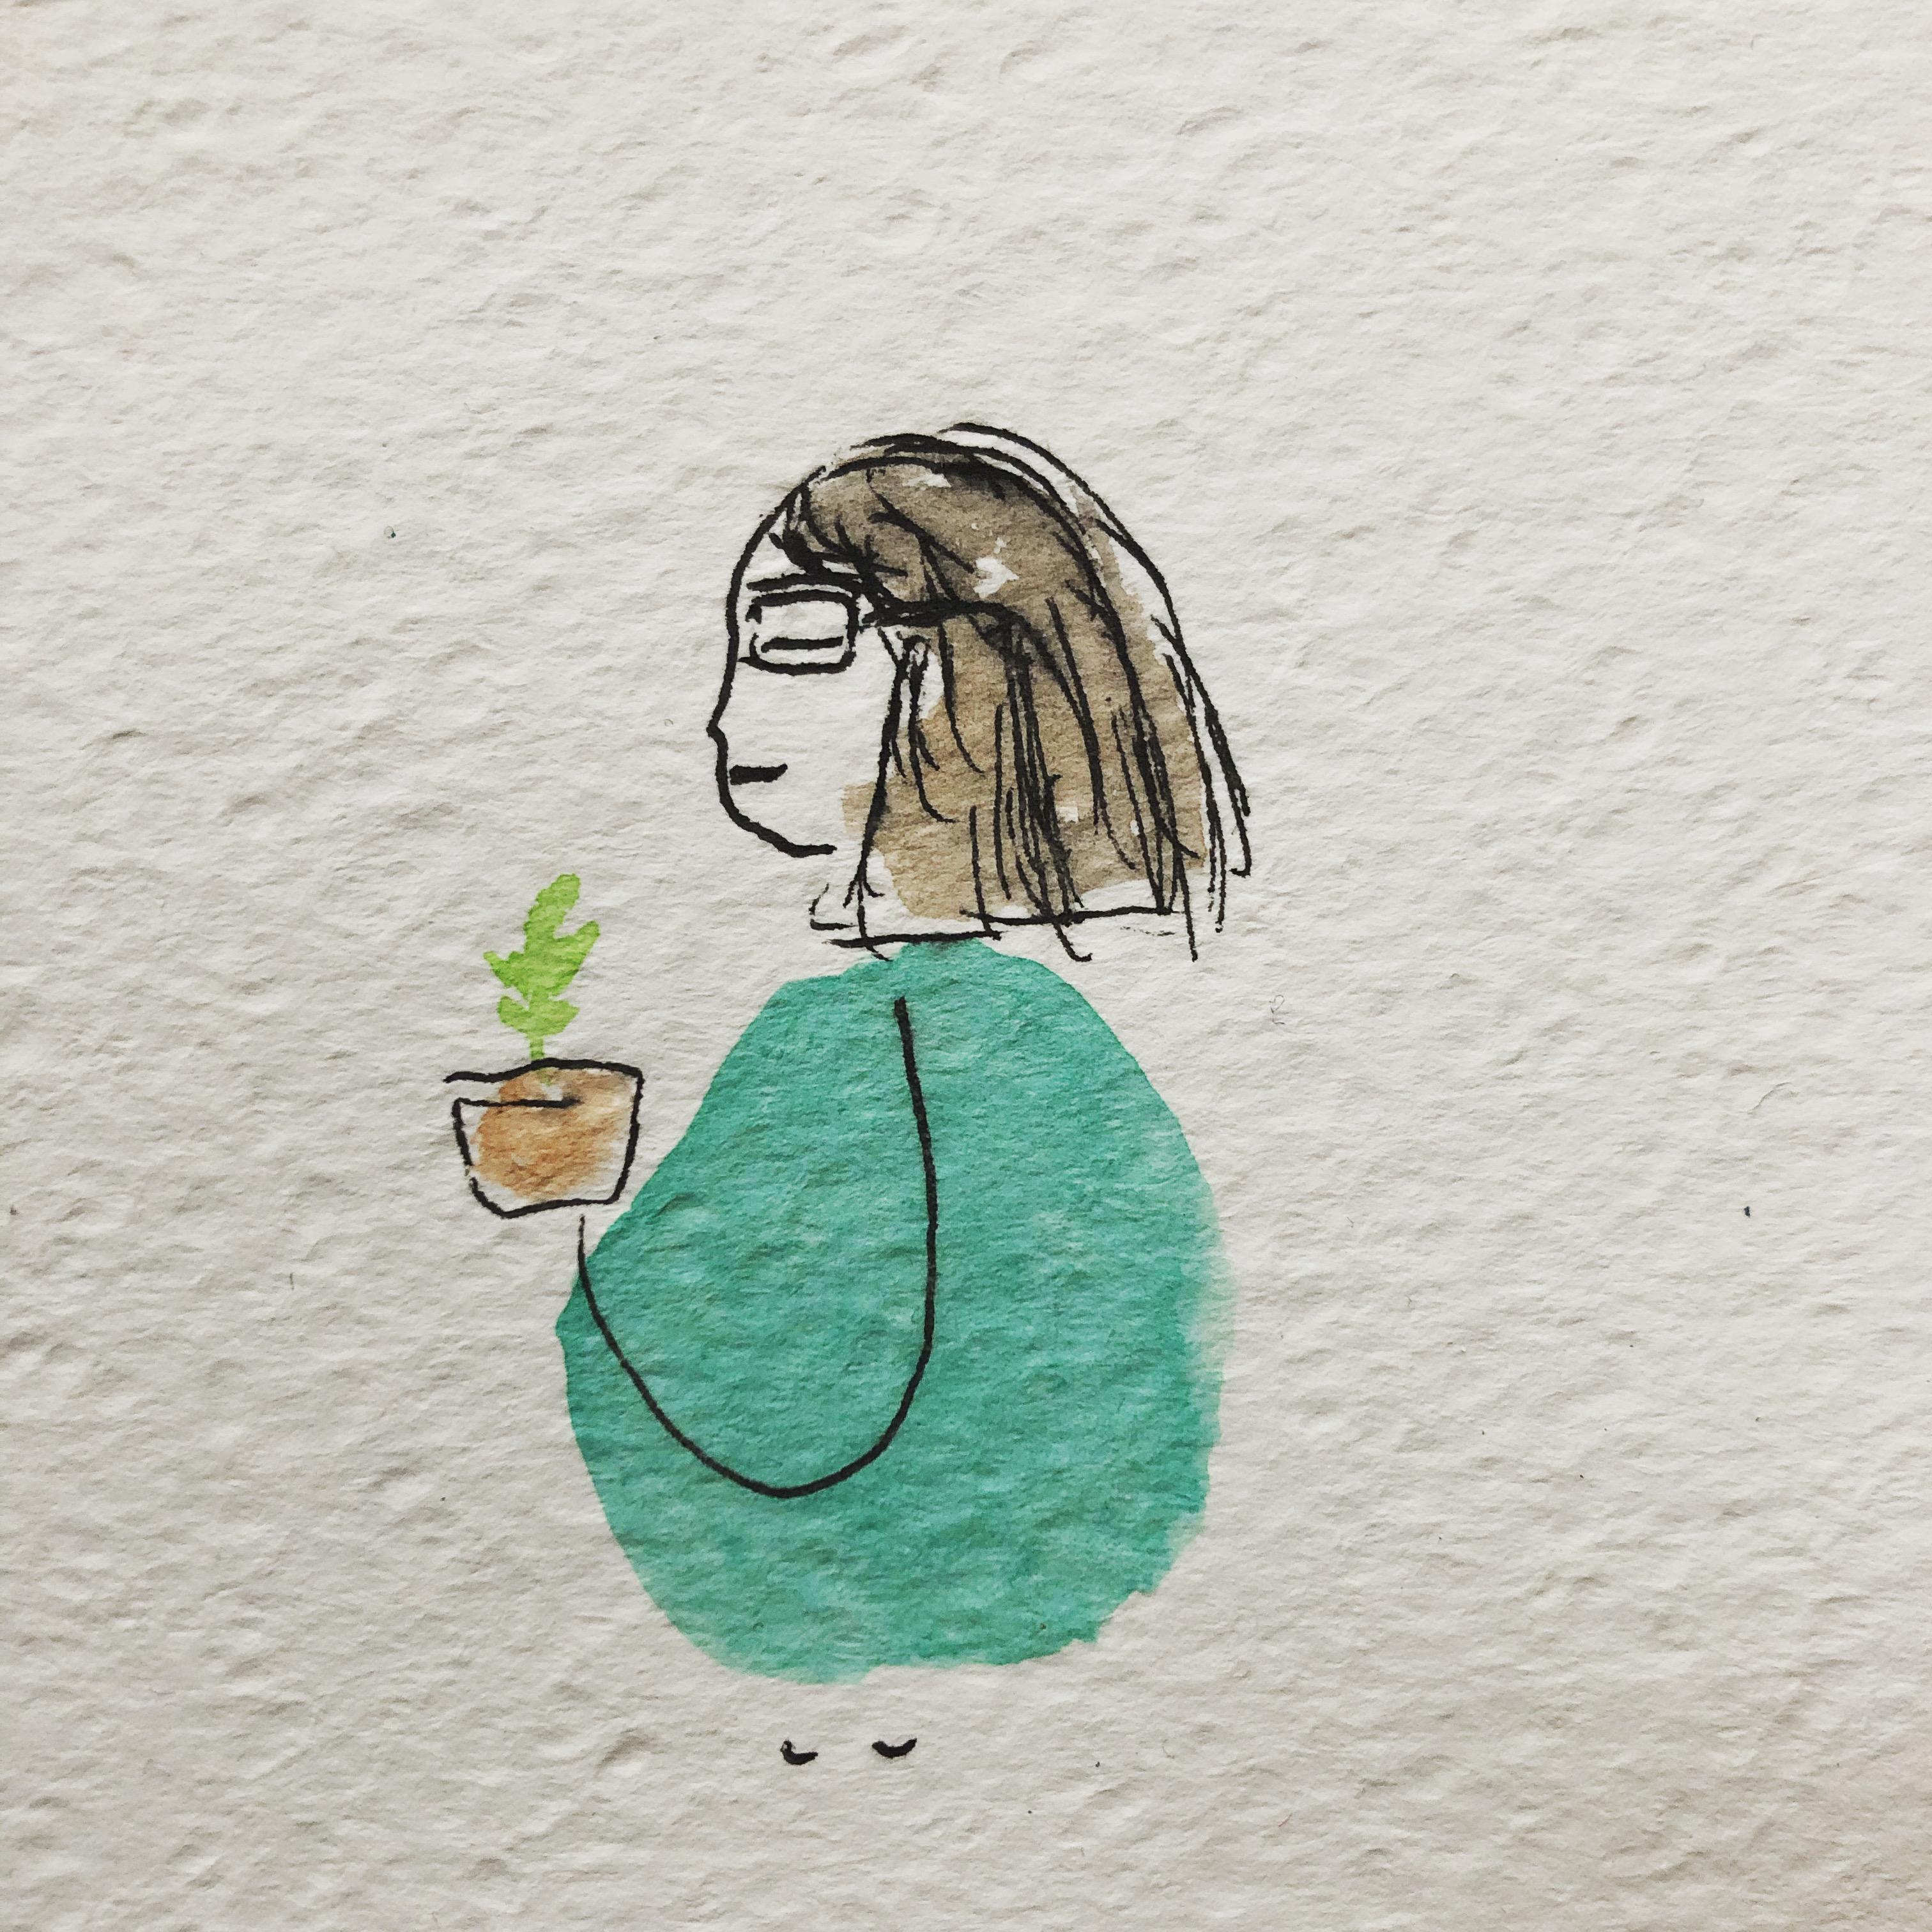 Simona Baldanzi (Firenze, 1977) ha pubblicato Figlia di una vestaglia blu (Alegre 2019, Fazi 2006), Bancone verde menta (Elliot 2009), Mugello sottosopra (Ediesse 2011), Il Mugello è una trapunta di terra (Laterza 2013), Maldifiume (Ediciclo 2016). Ha scritto racconti per quotidiani, riviste e antologie. È co-autrice del soggetto del film Dafne (2019). Spesso fa la ghostwriter per le lavoratrici e i lavoratori. Il suo sito è www.simonabaldanzi.it.